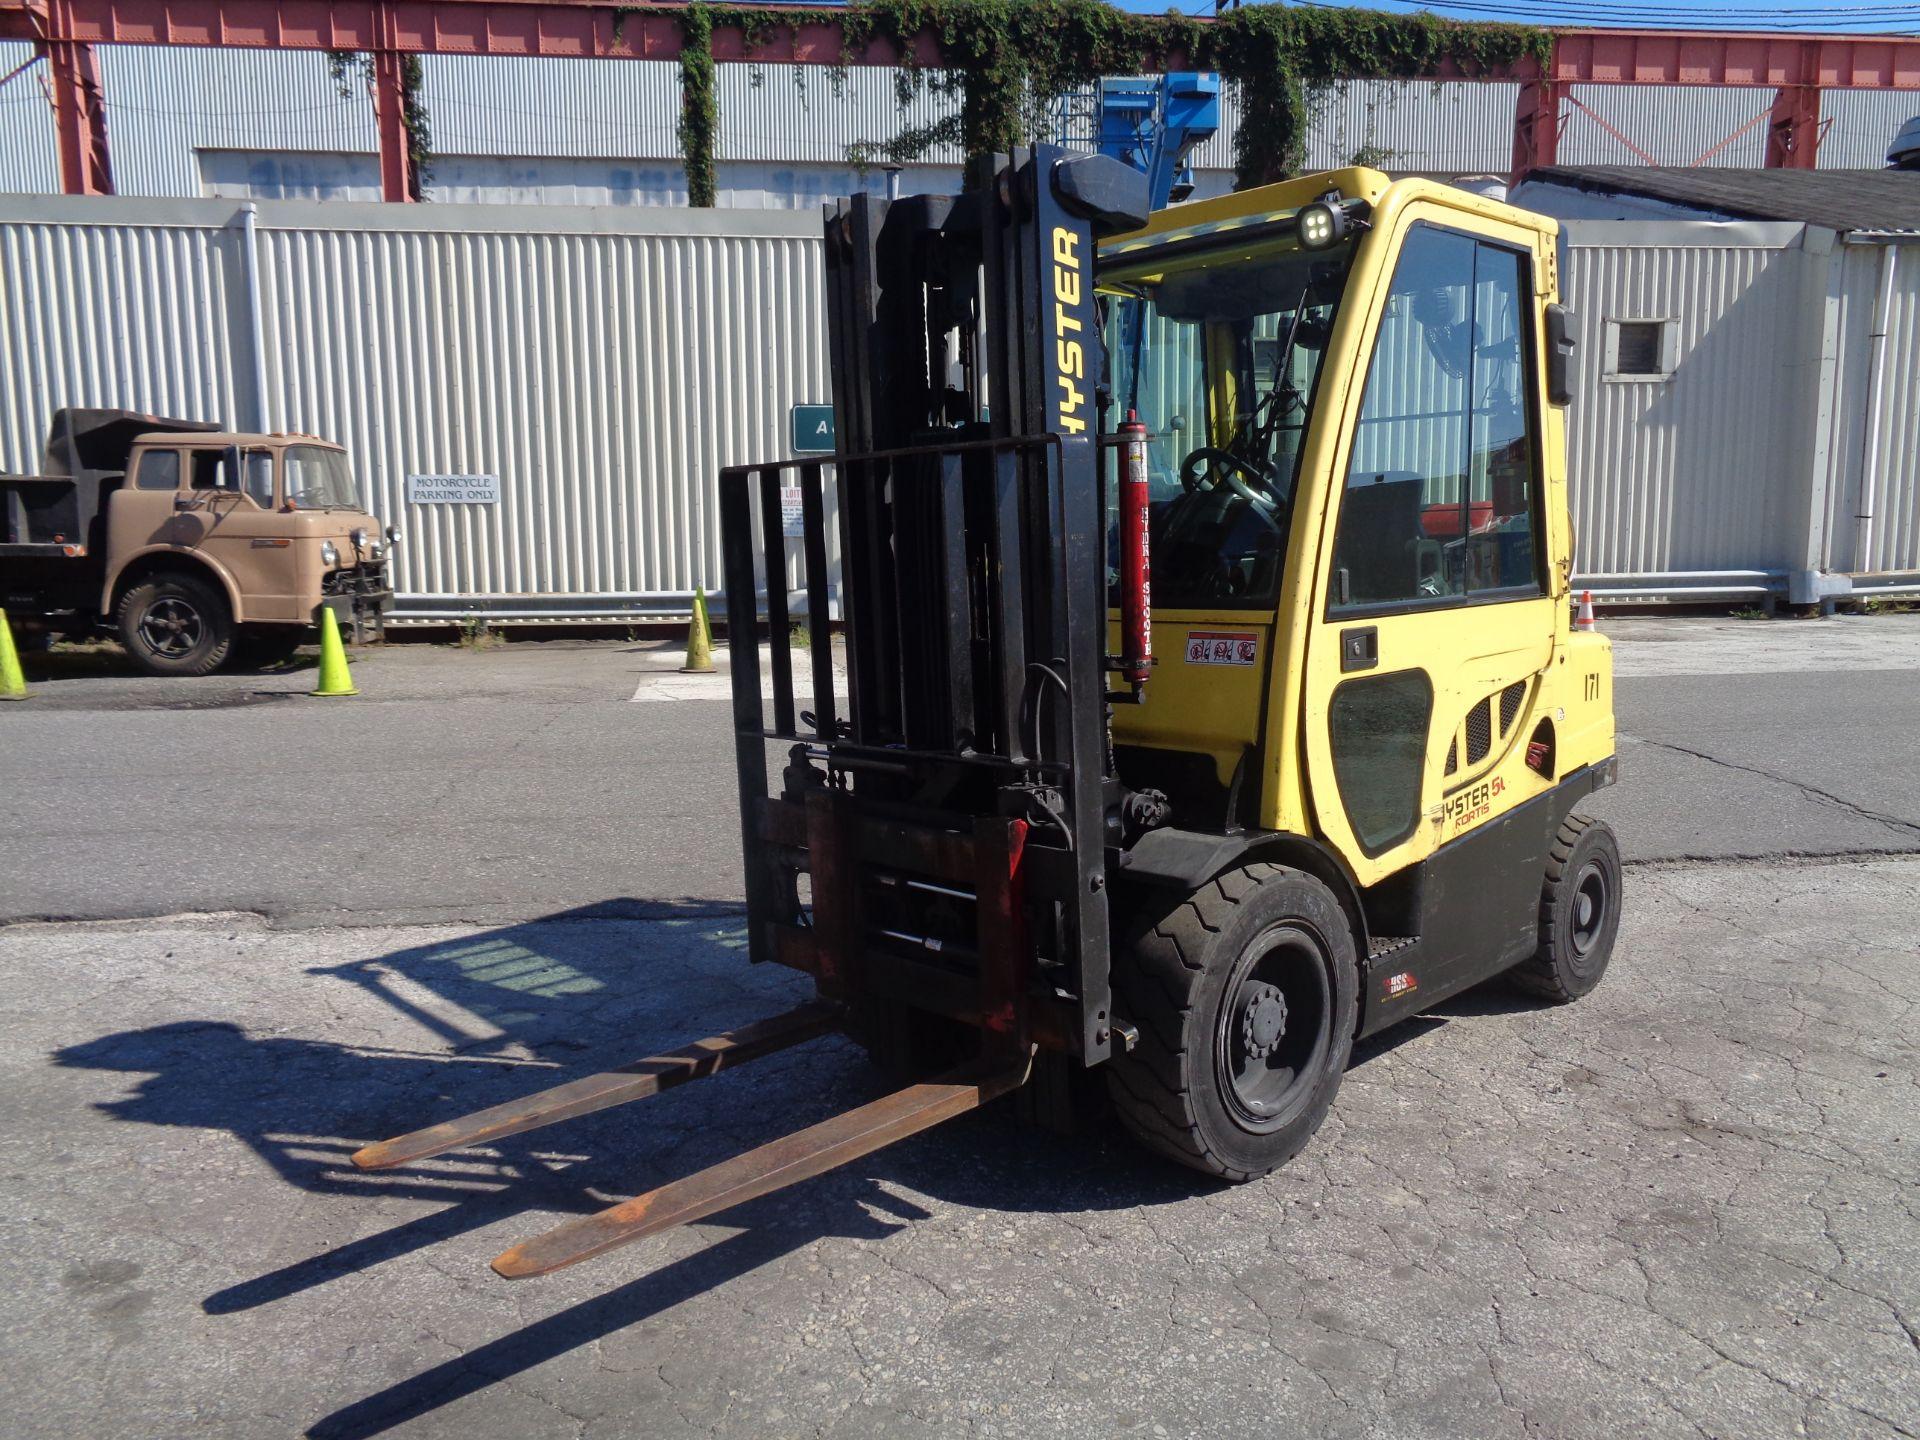 2015 Hyster H50FT 5,000 lb Forklift - Image 3 of 12